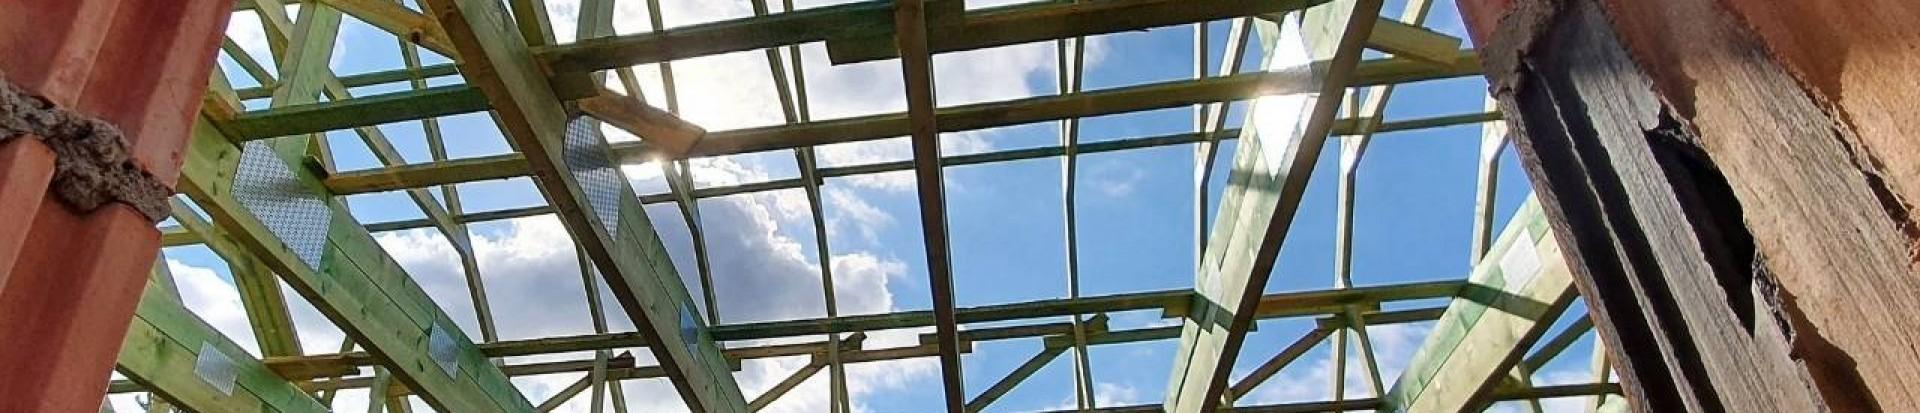 Ciąg dalszy realizacji drewnianej konstrukcji dachu domu w miejscowości Świątniki